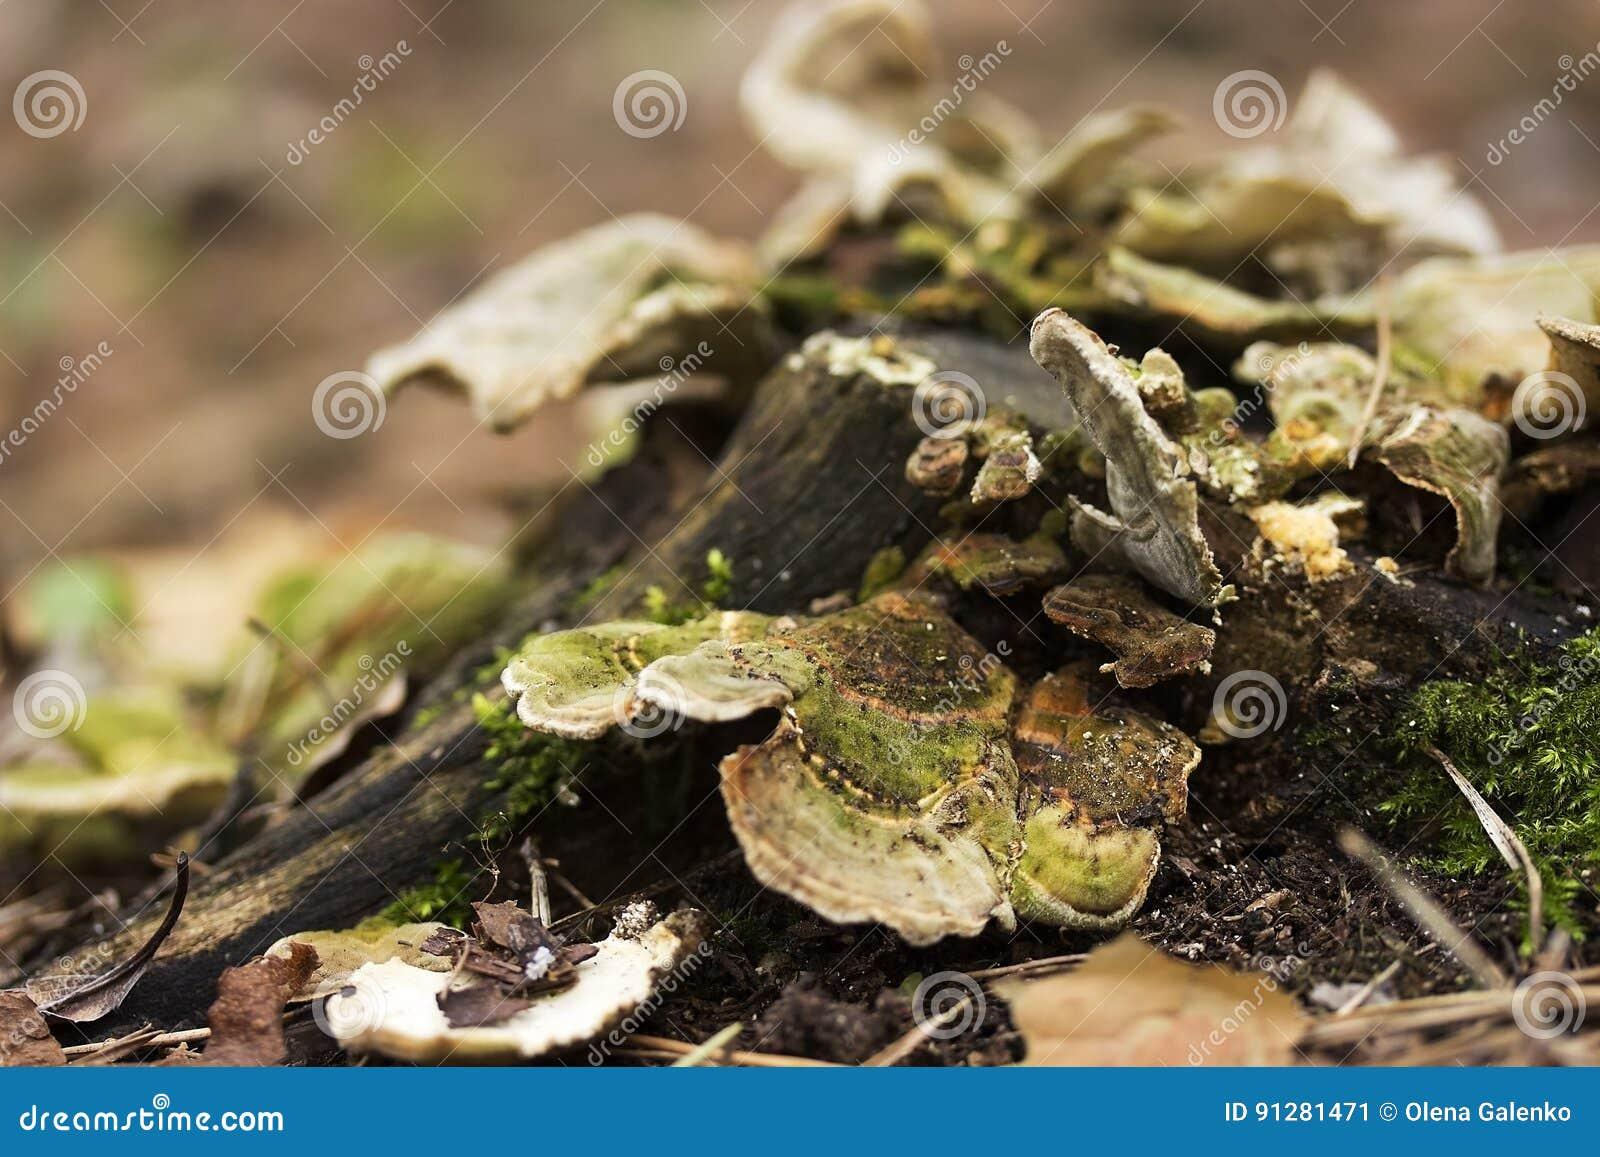 Plattan plocka svamp på en trädstubbe Champinjonmatning på att förfalla, trä